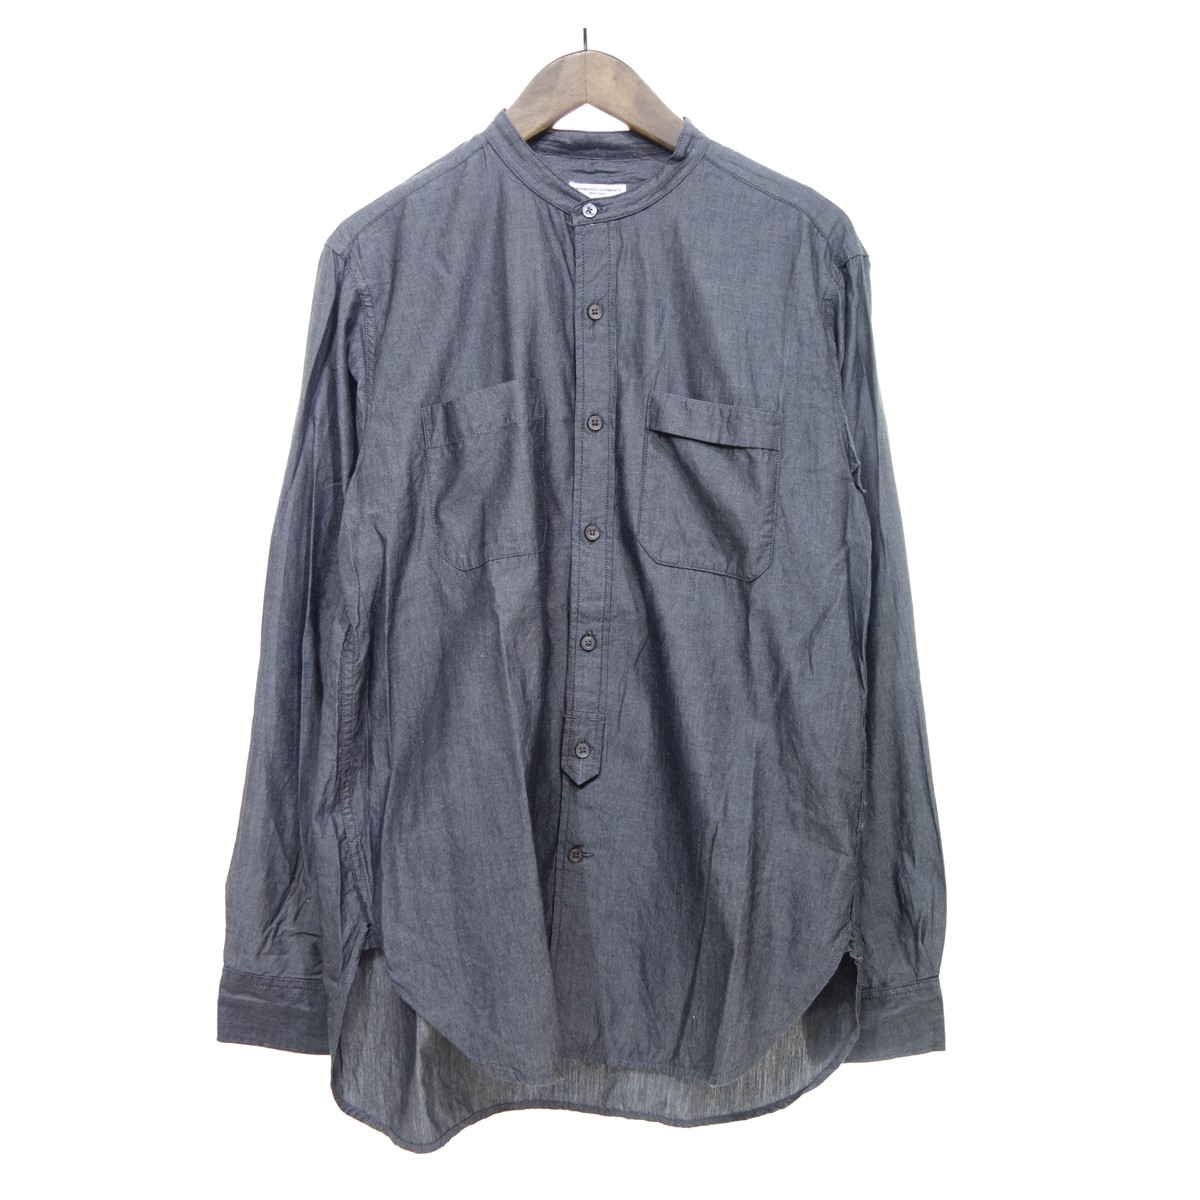 【中古】Engineered Garments バンドカラーシャツ グレー サイズ:M 【070420】(エンジニアードガーメンツ)